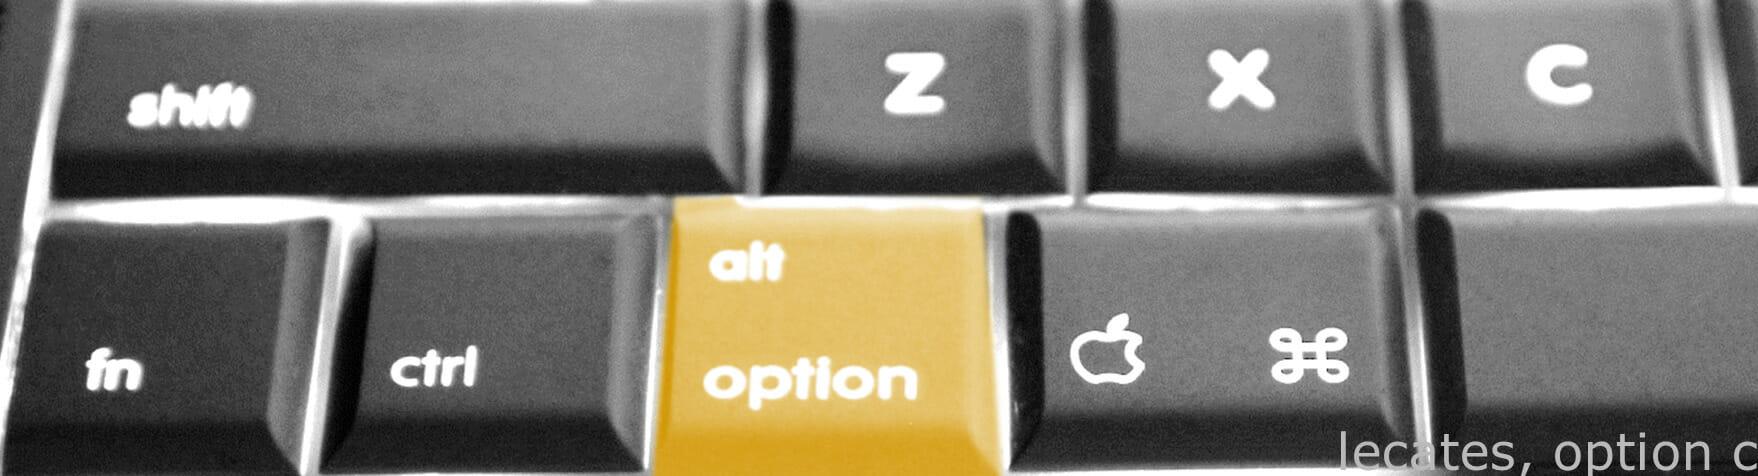 Maschinen-Optionen im Ersatzteil-Marketing nutzen